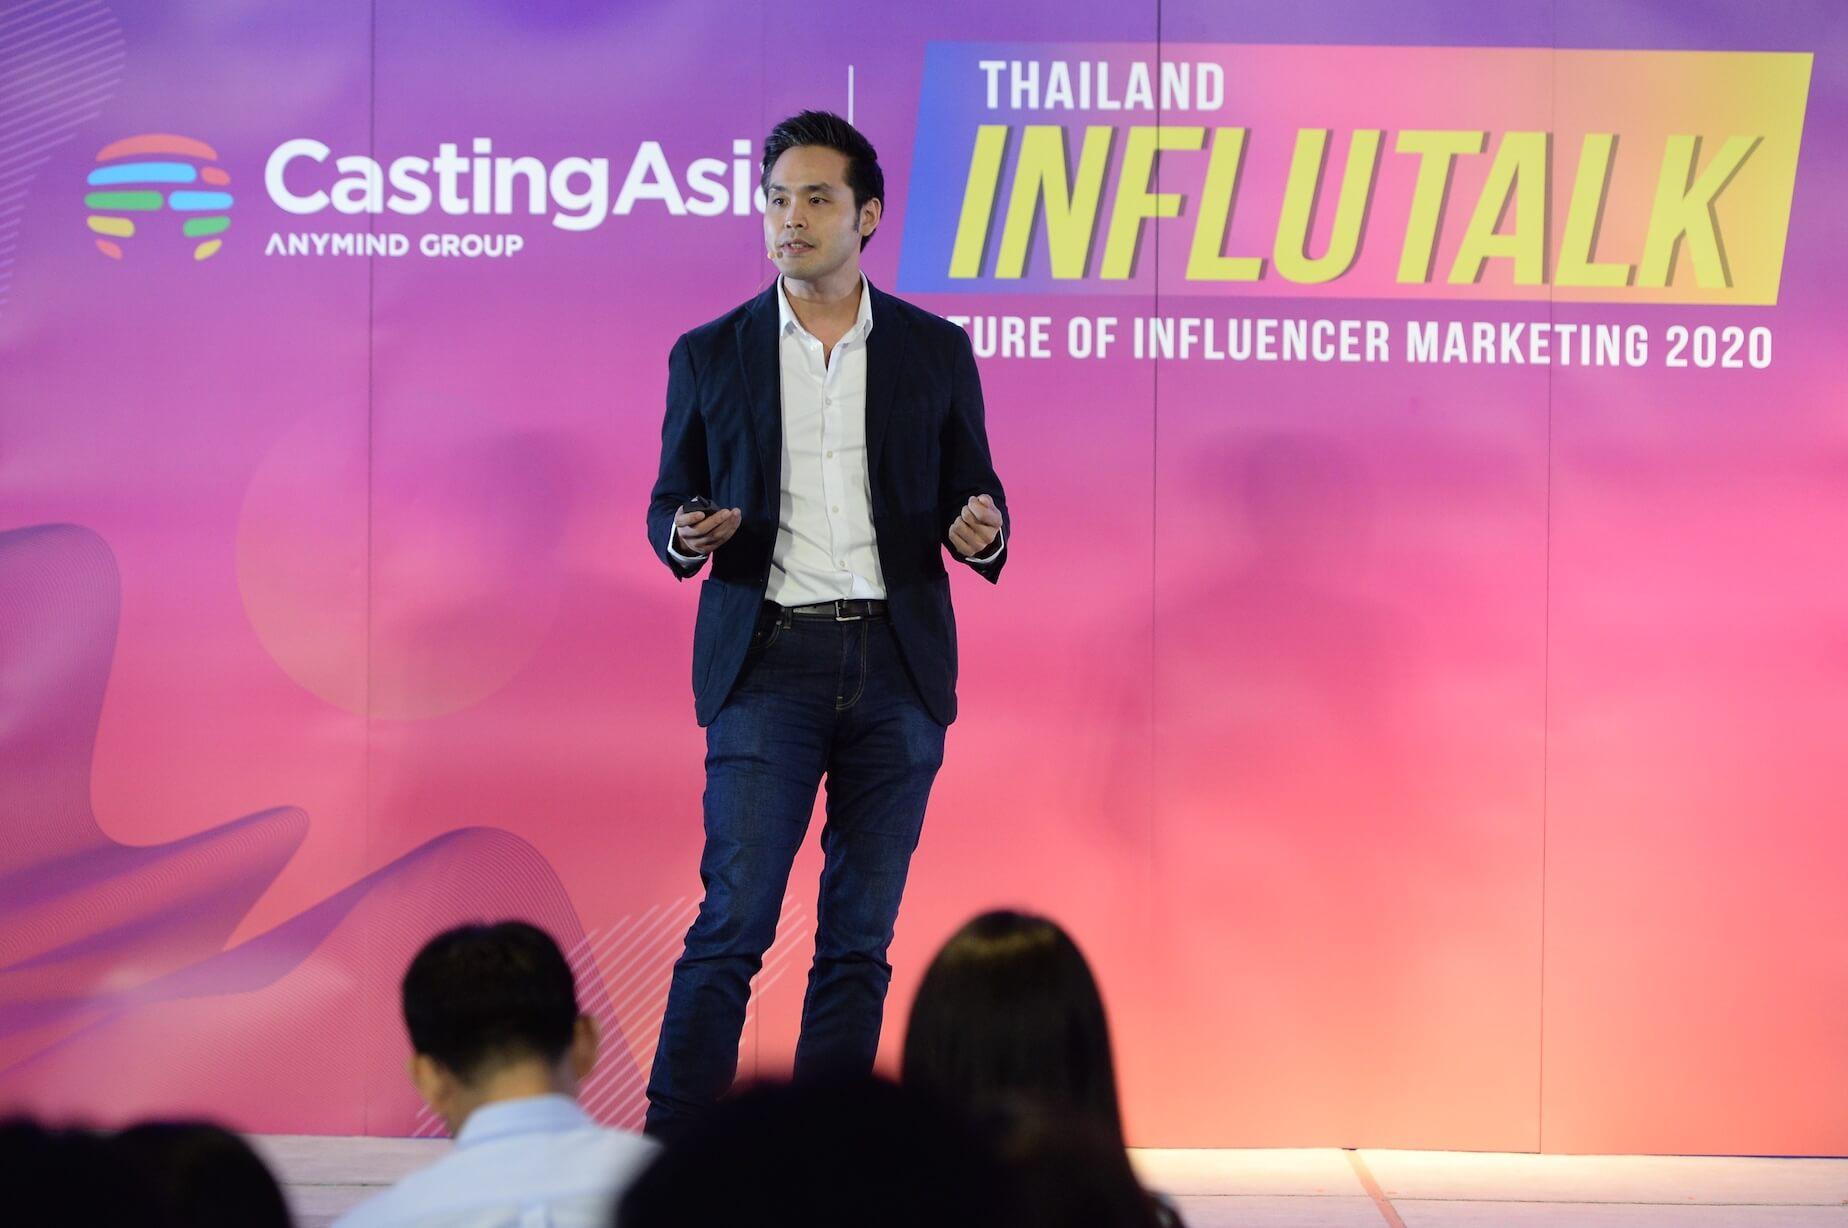 Thailand InfluTalk